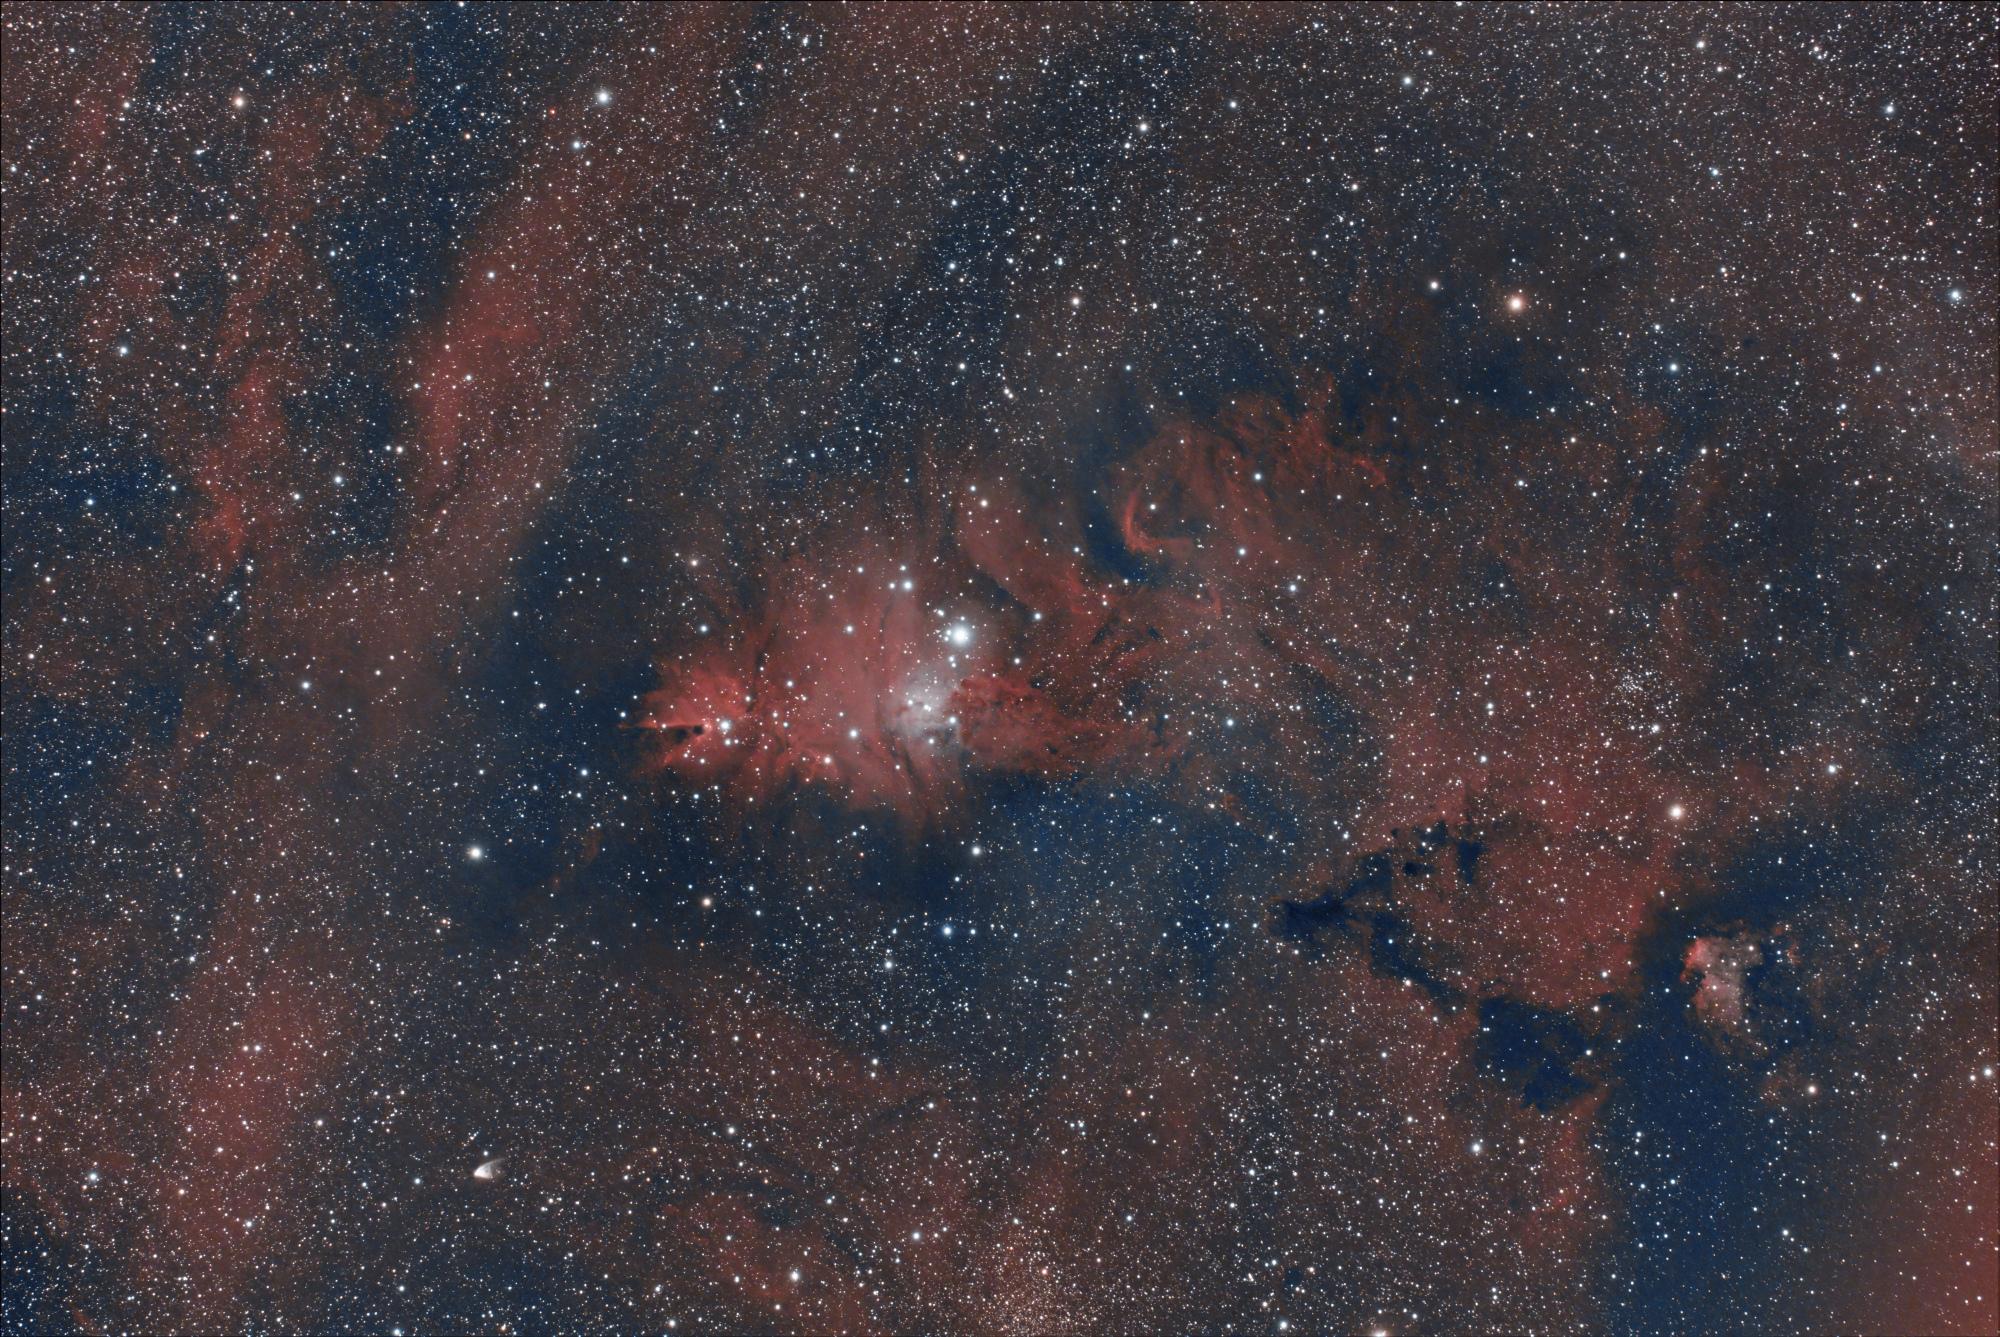 NGC2264-Mix-55x180sec.jpg